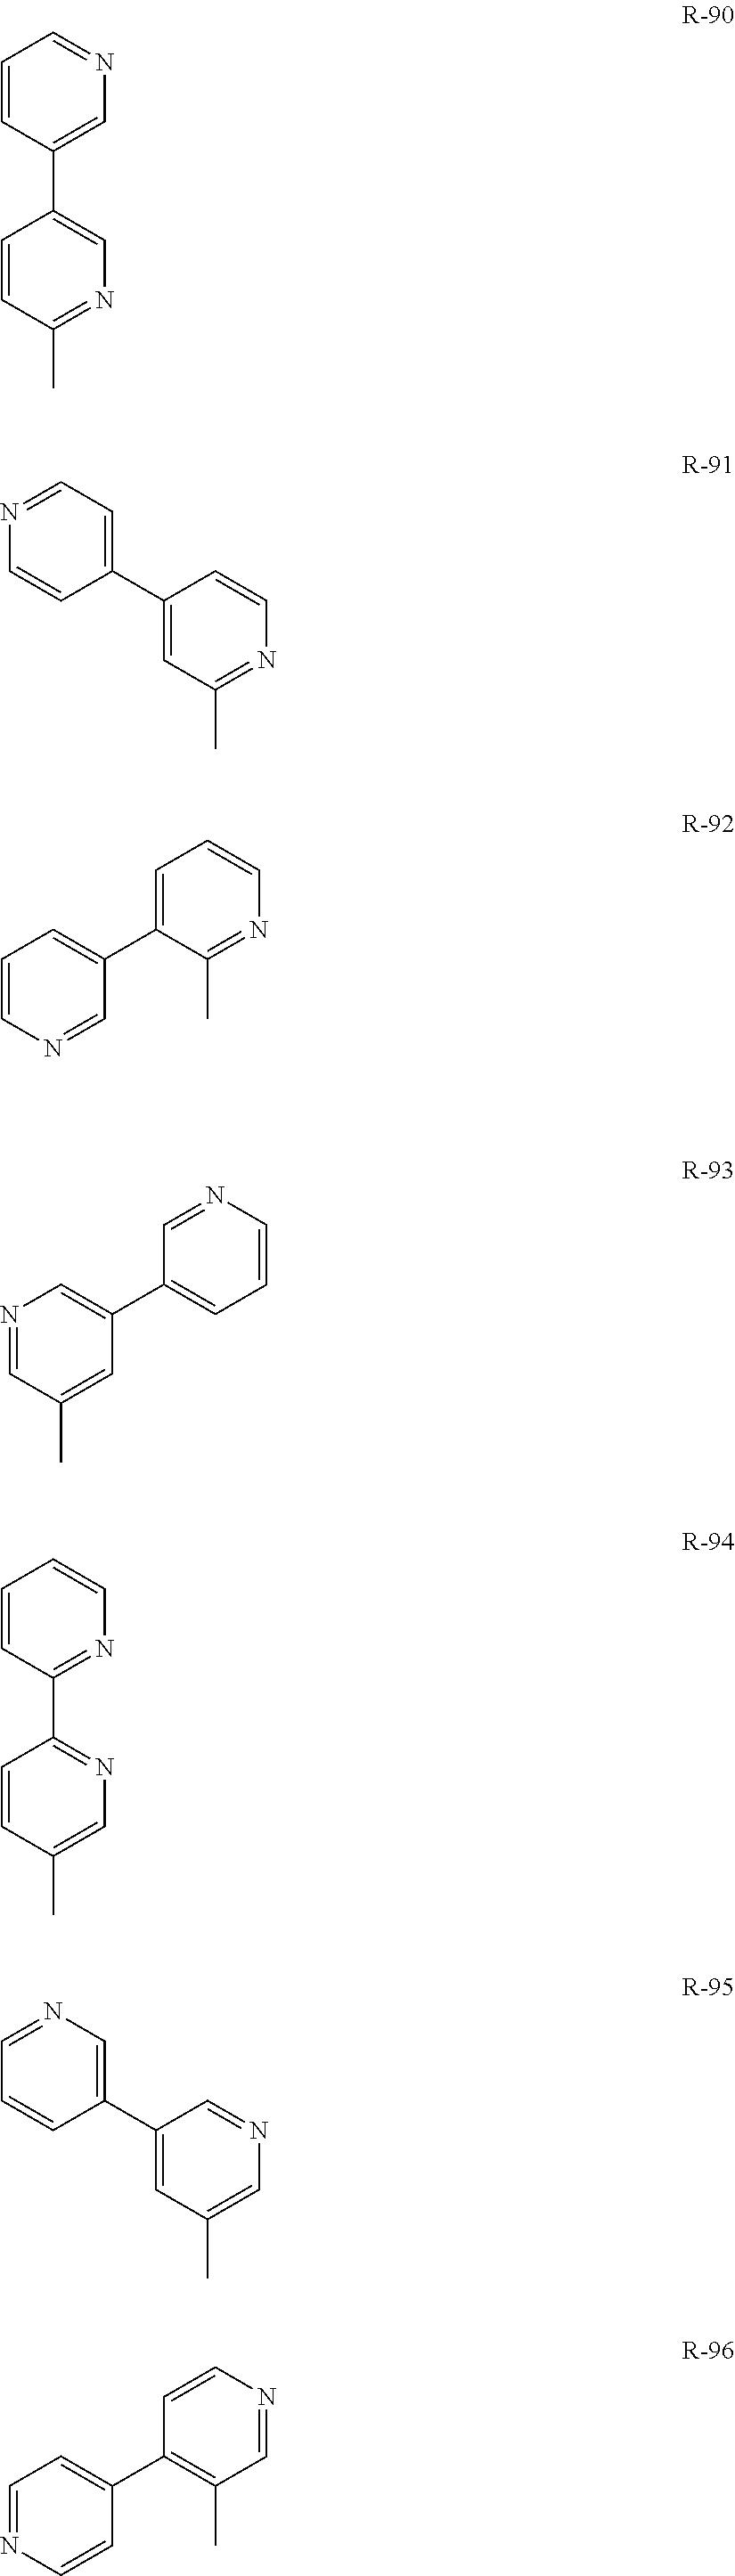 Figure US20110215312A1-20110908-C00030